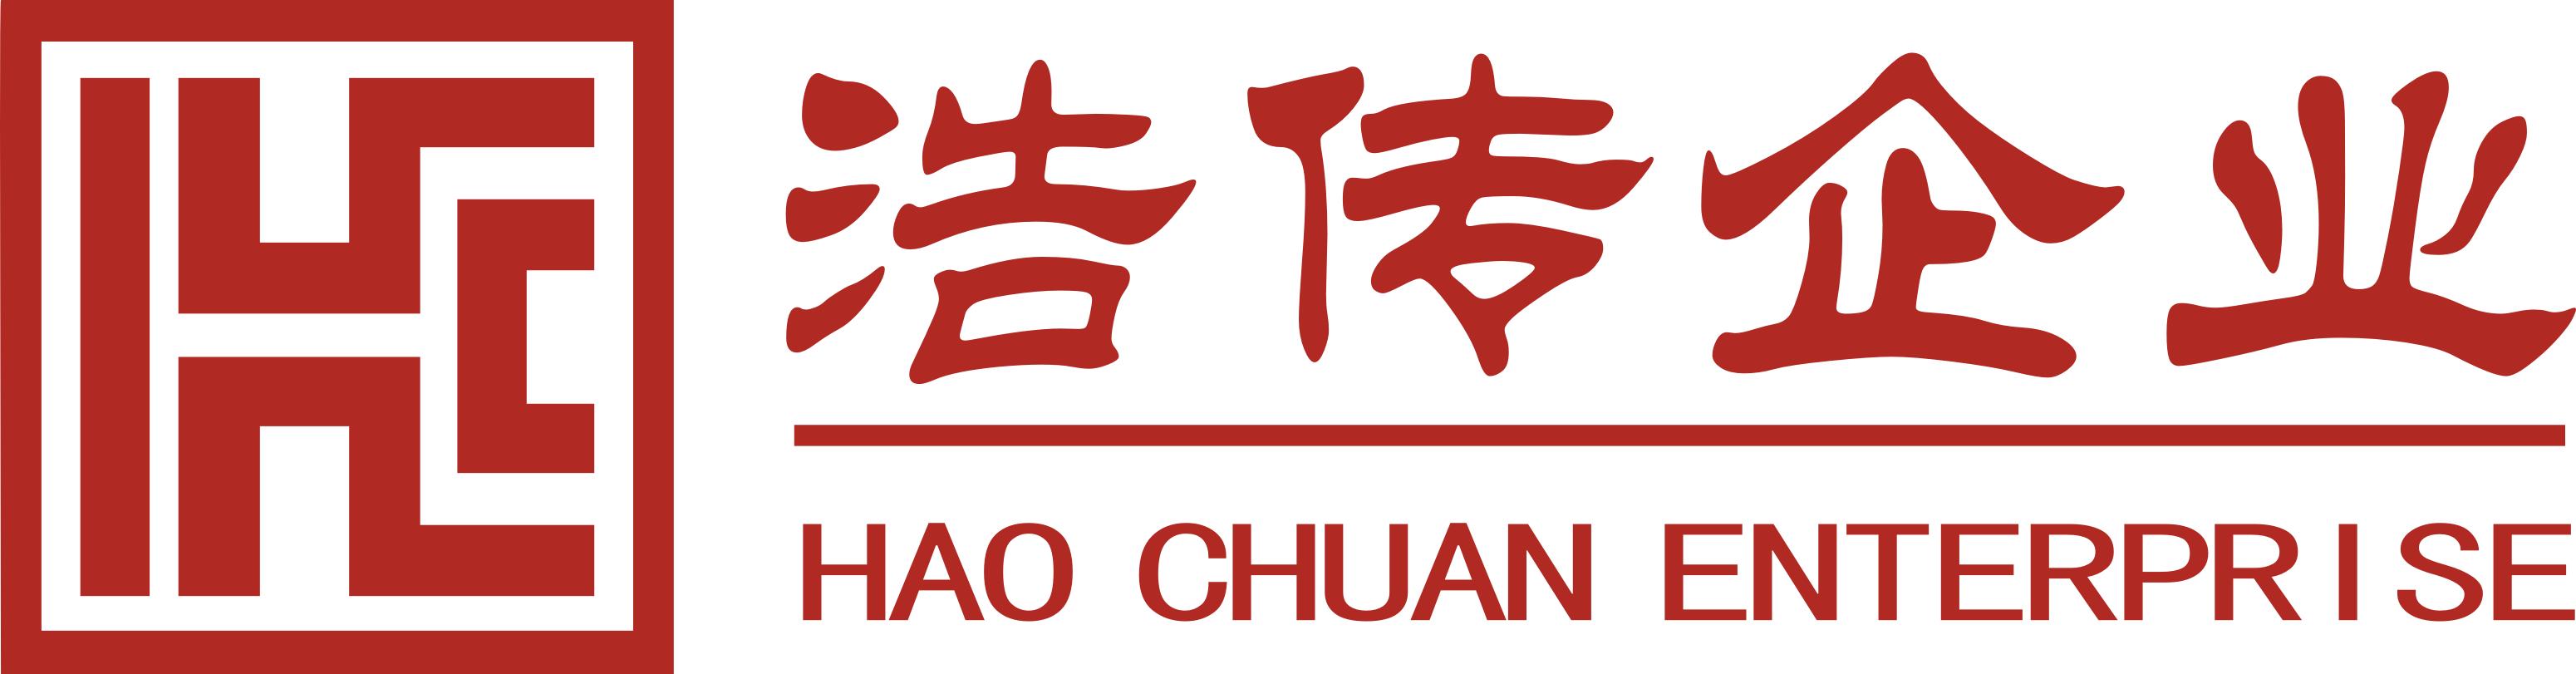 佛山市浩传管理服务有限公司上海第二分公司